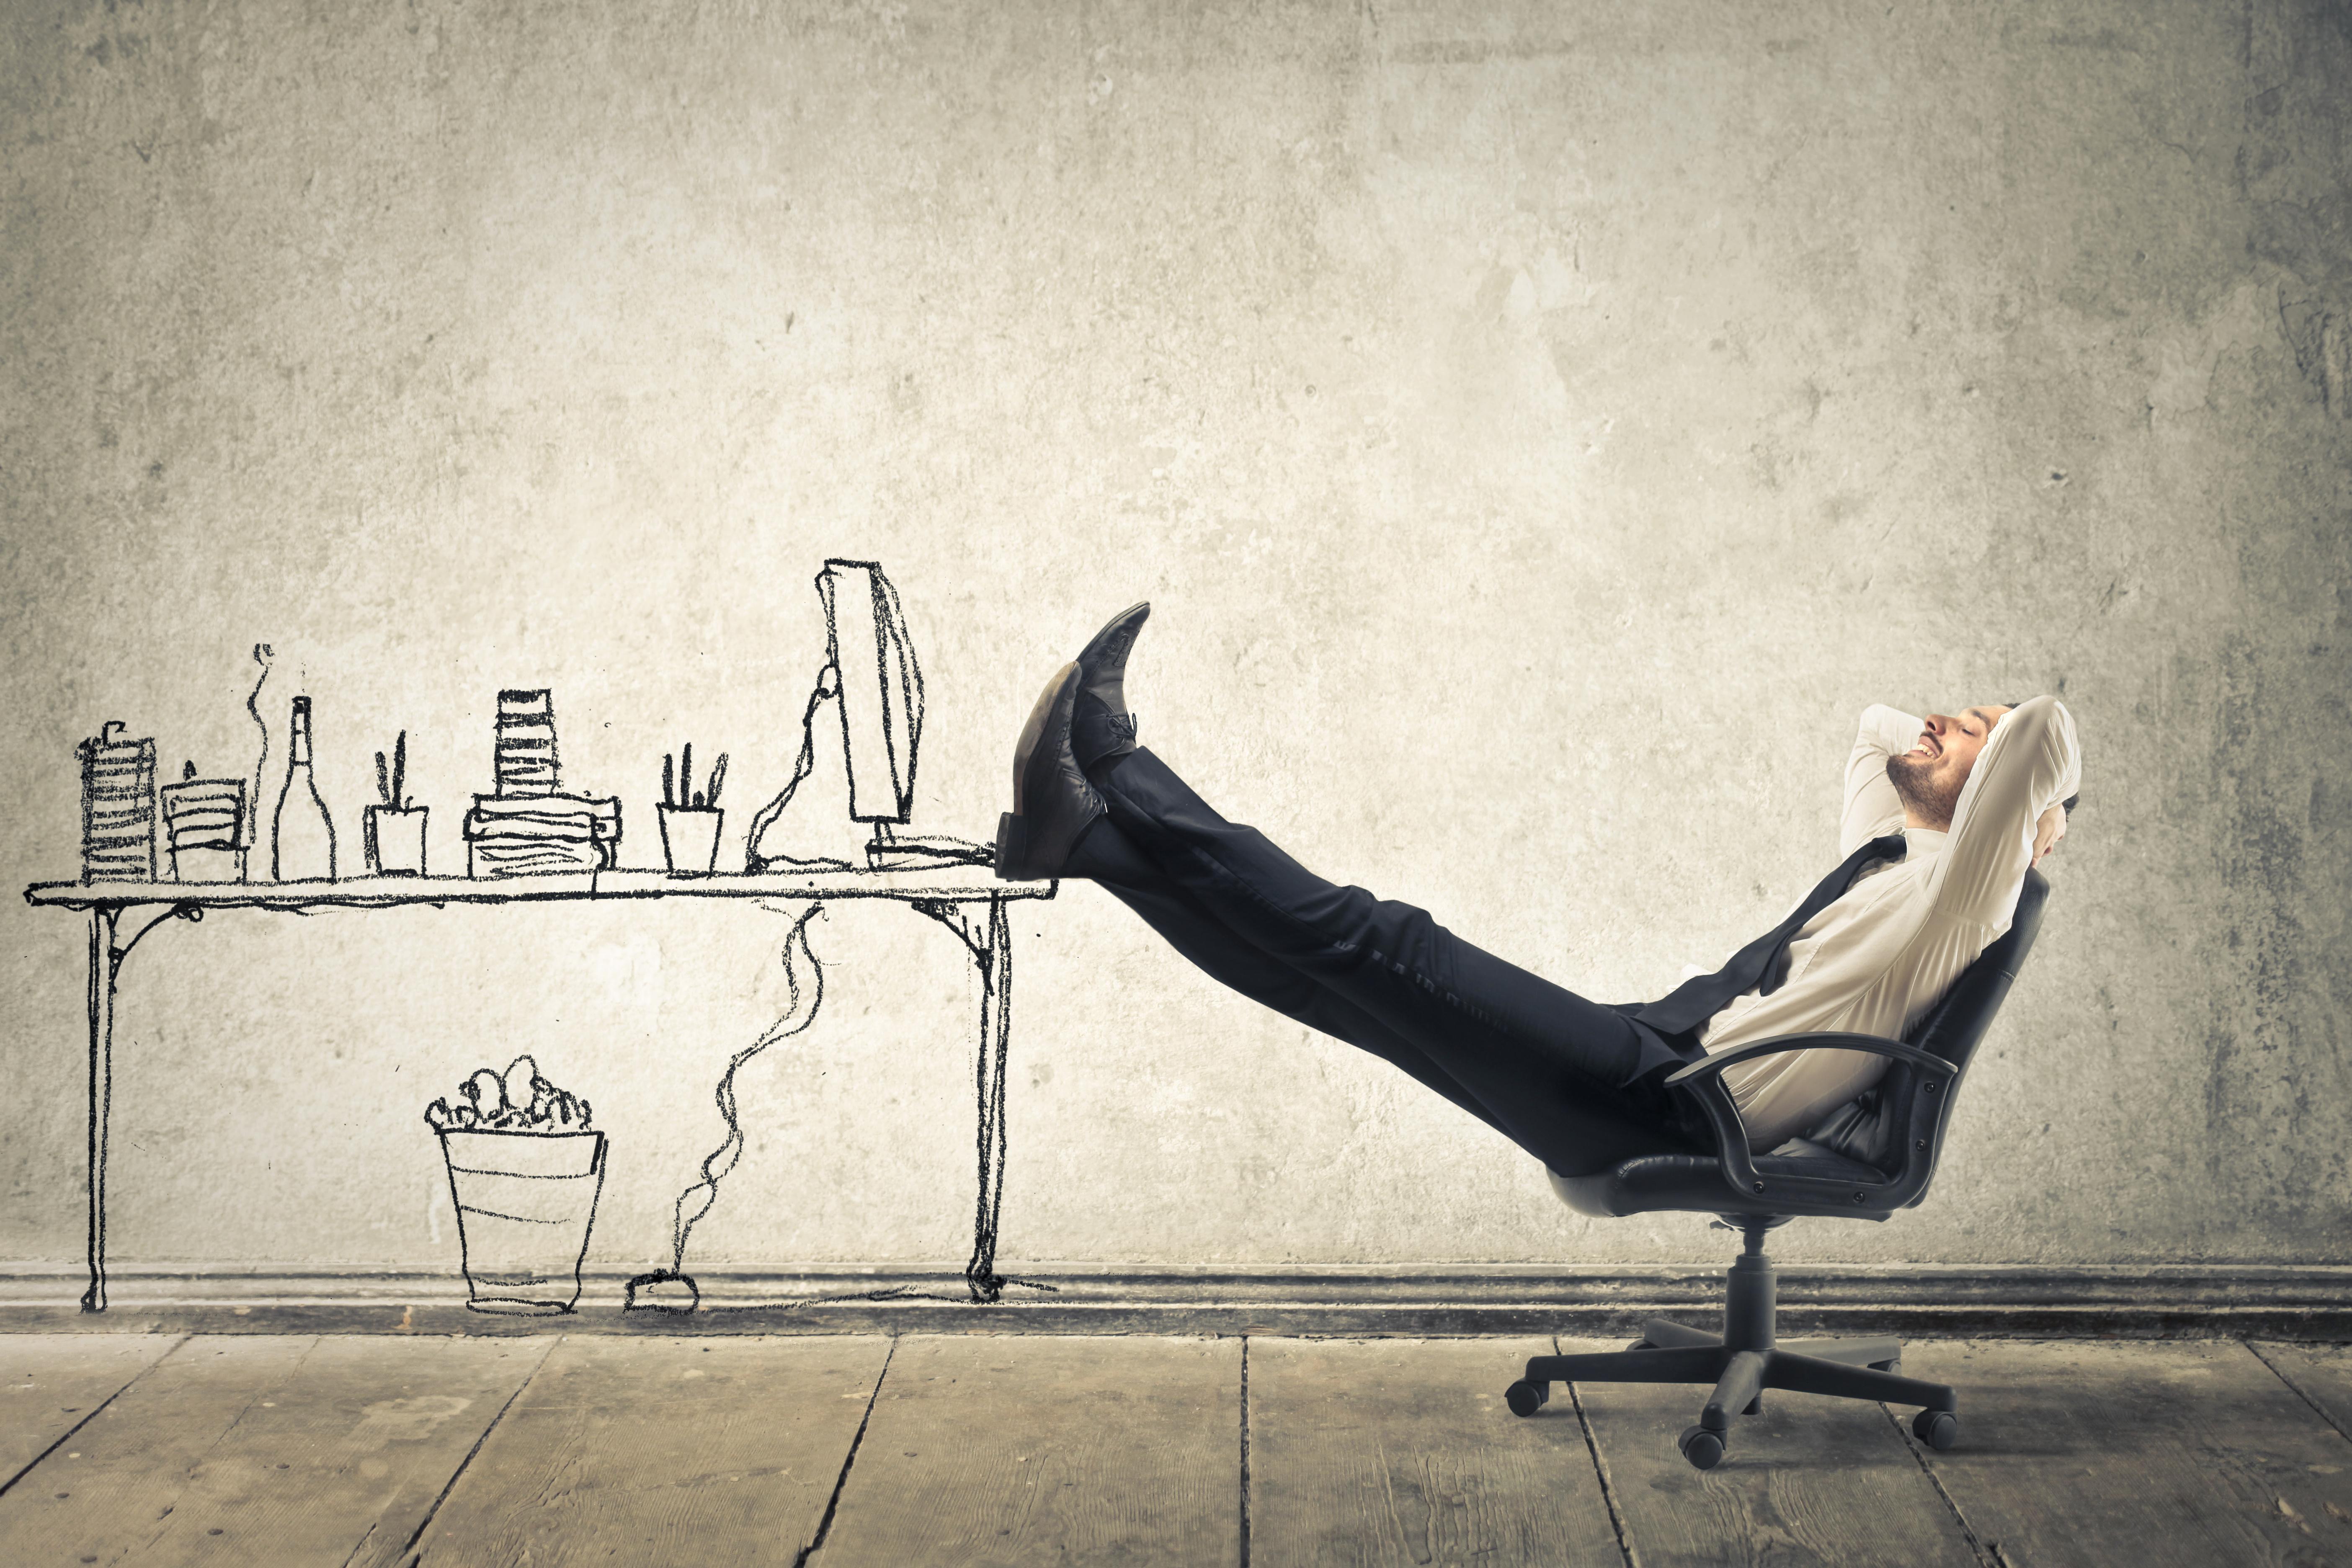 #JustForMe: Entspannung im Büroalltag - Mann relaxt im Schreibtischstuhl